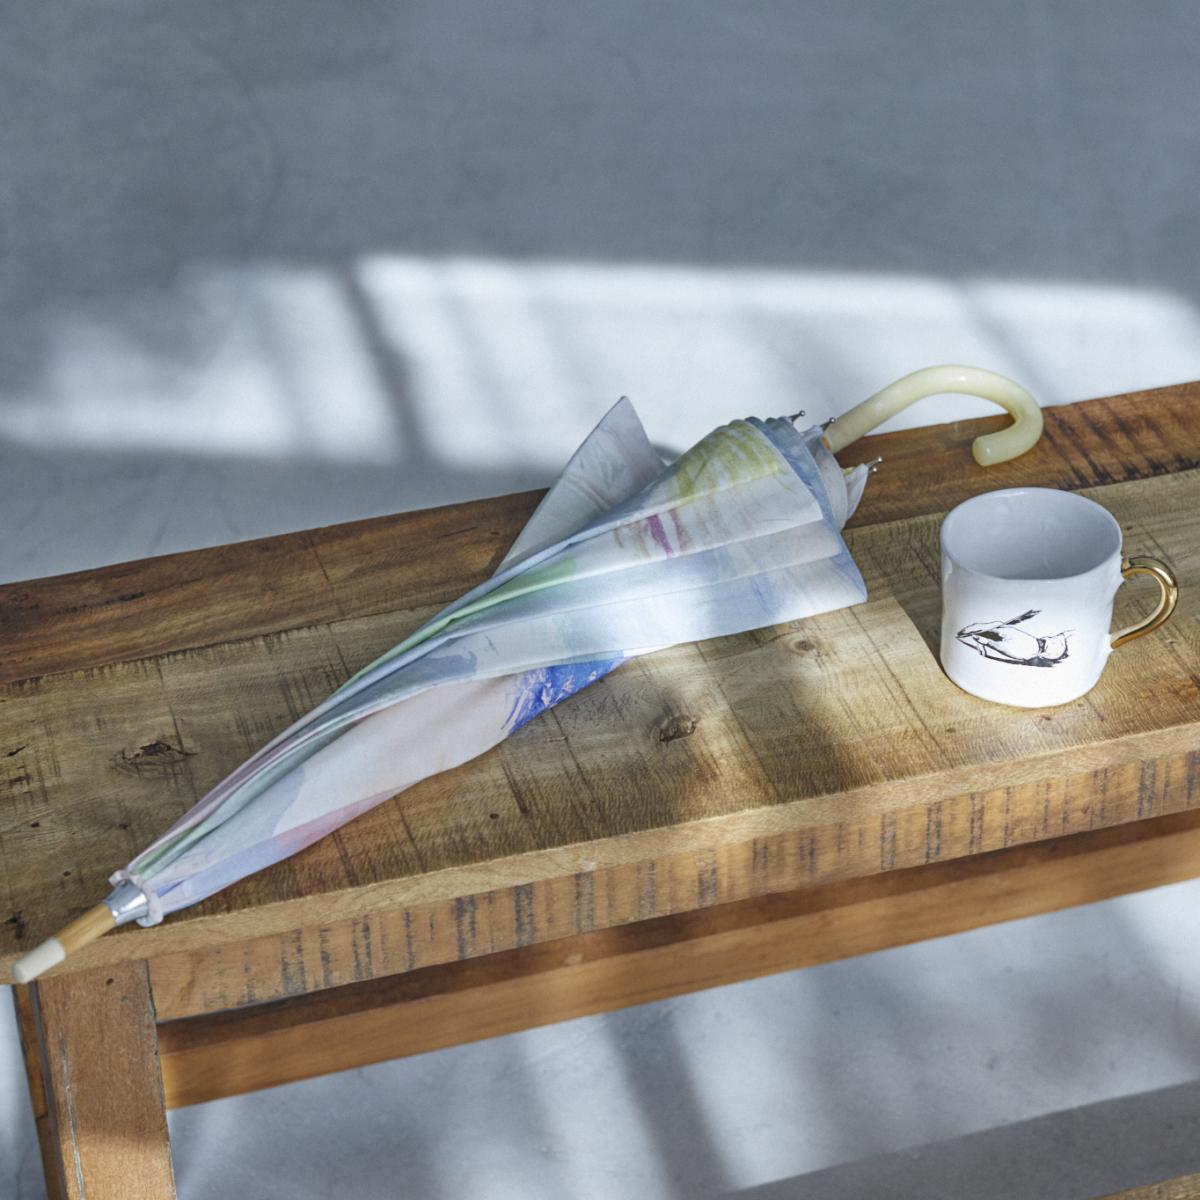 野村由芽さんが選んだギフト》 H.P.DECO アート感のある暮らし 「Kuhn Keramik ミディアムコーヒーカップ」 Coci la elle「雨傘」